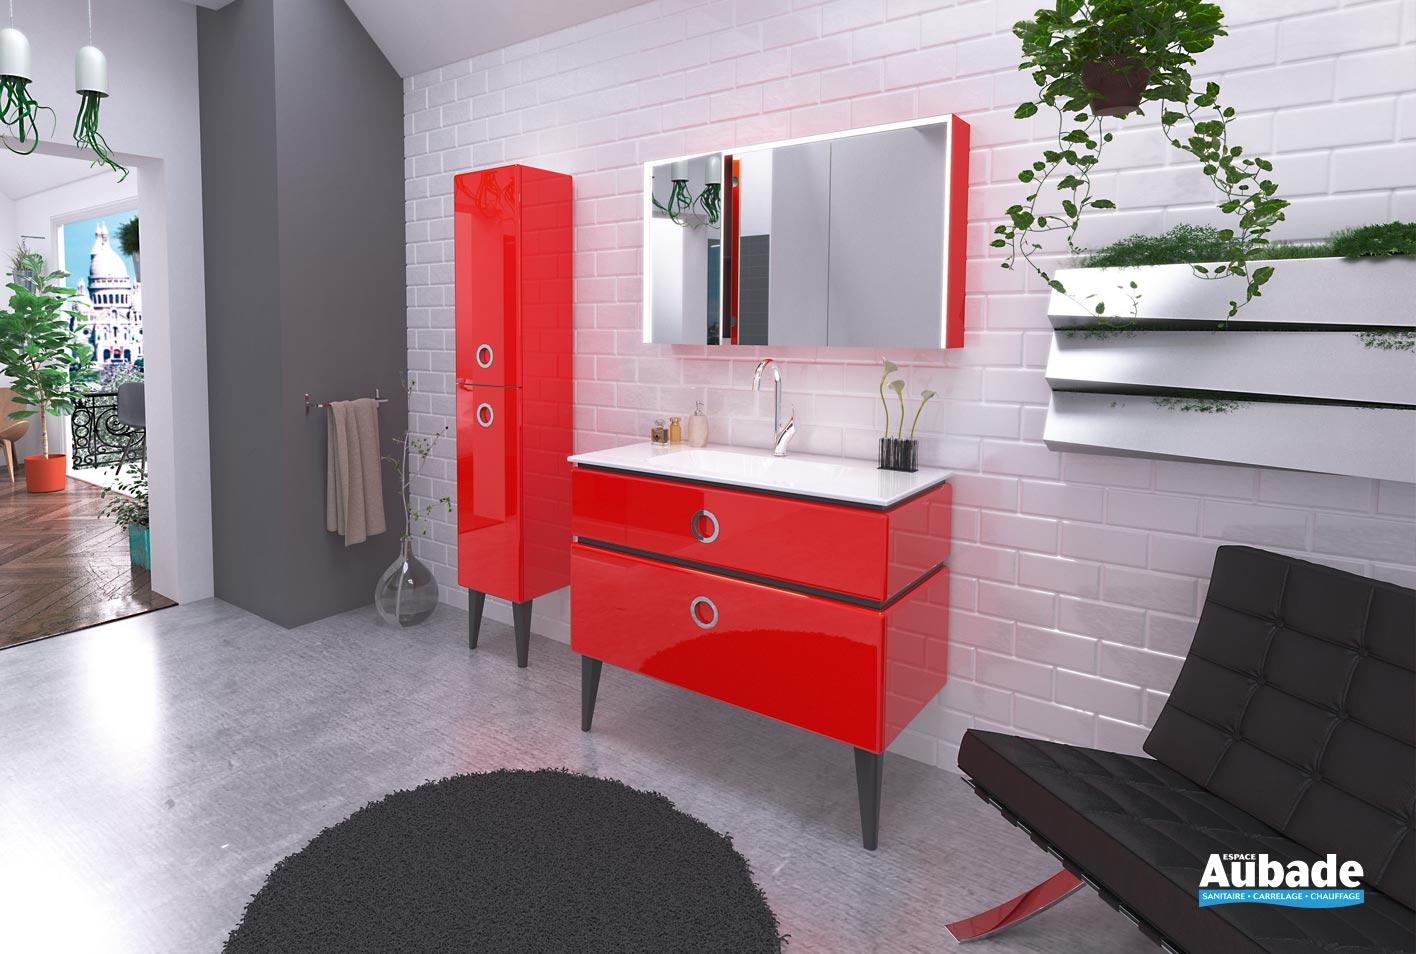 meubles salle de bains decotec jolie mome